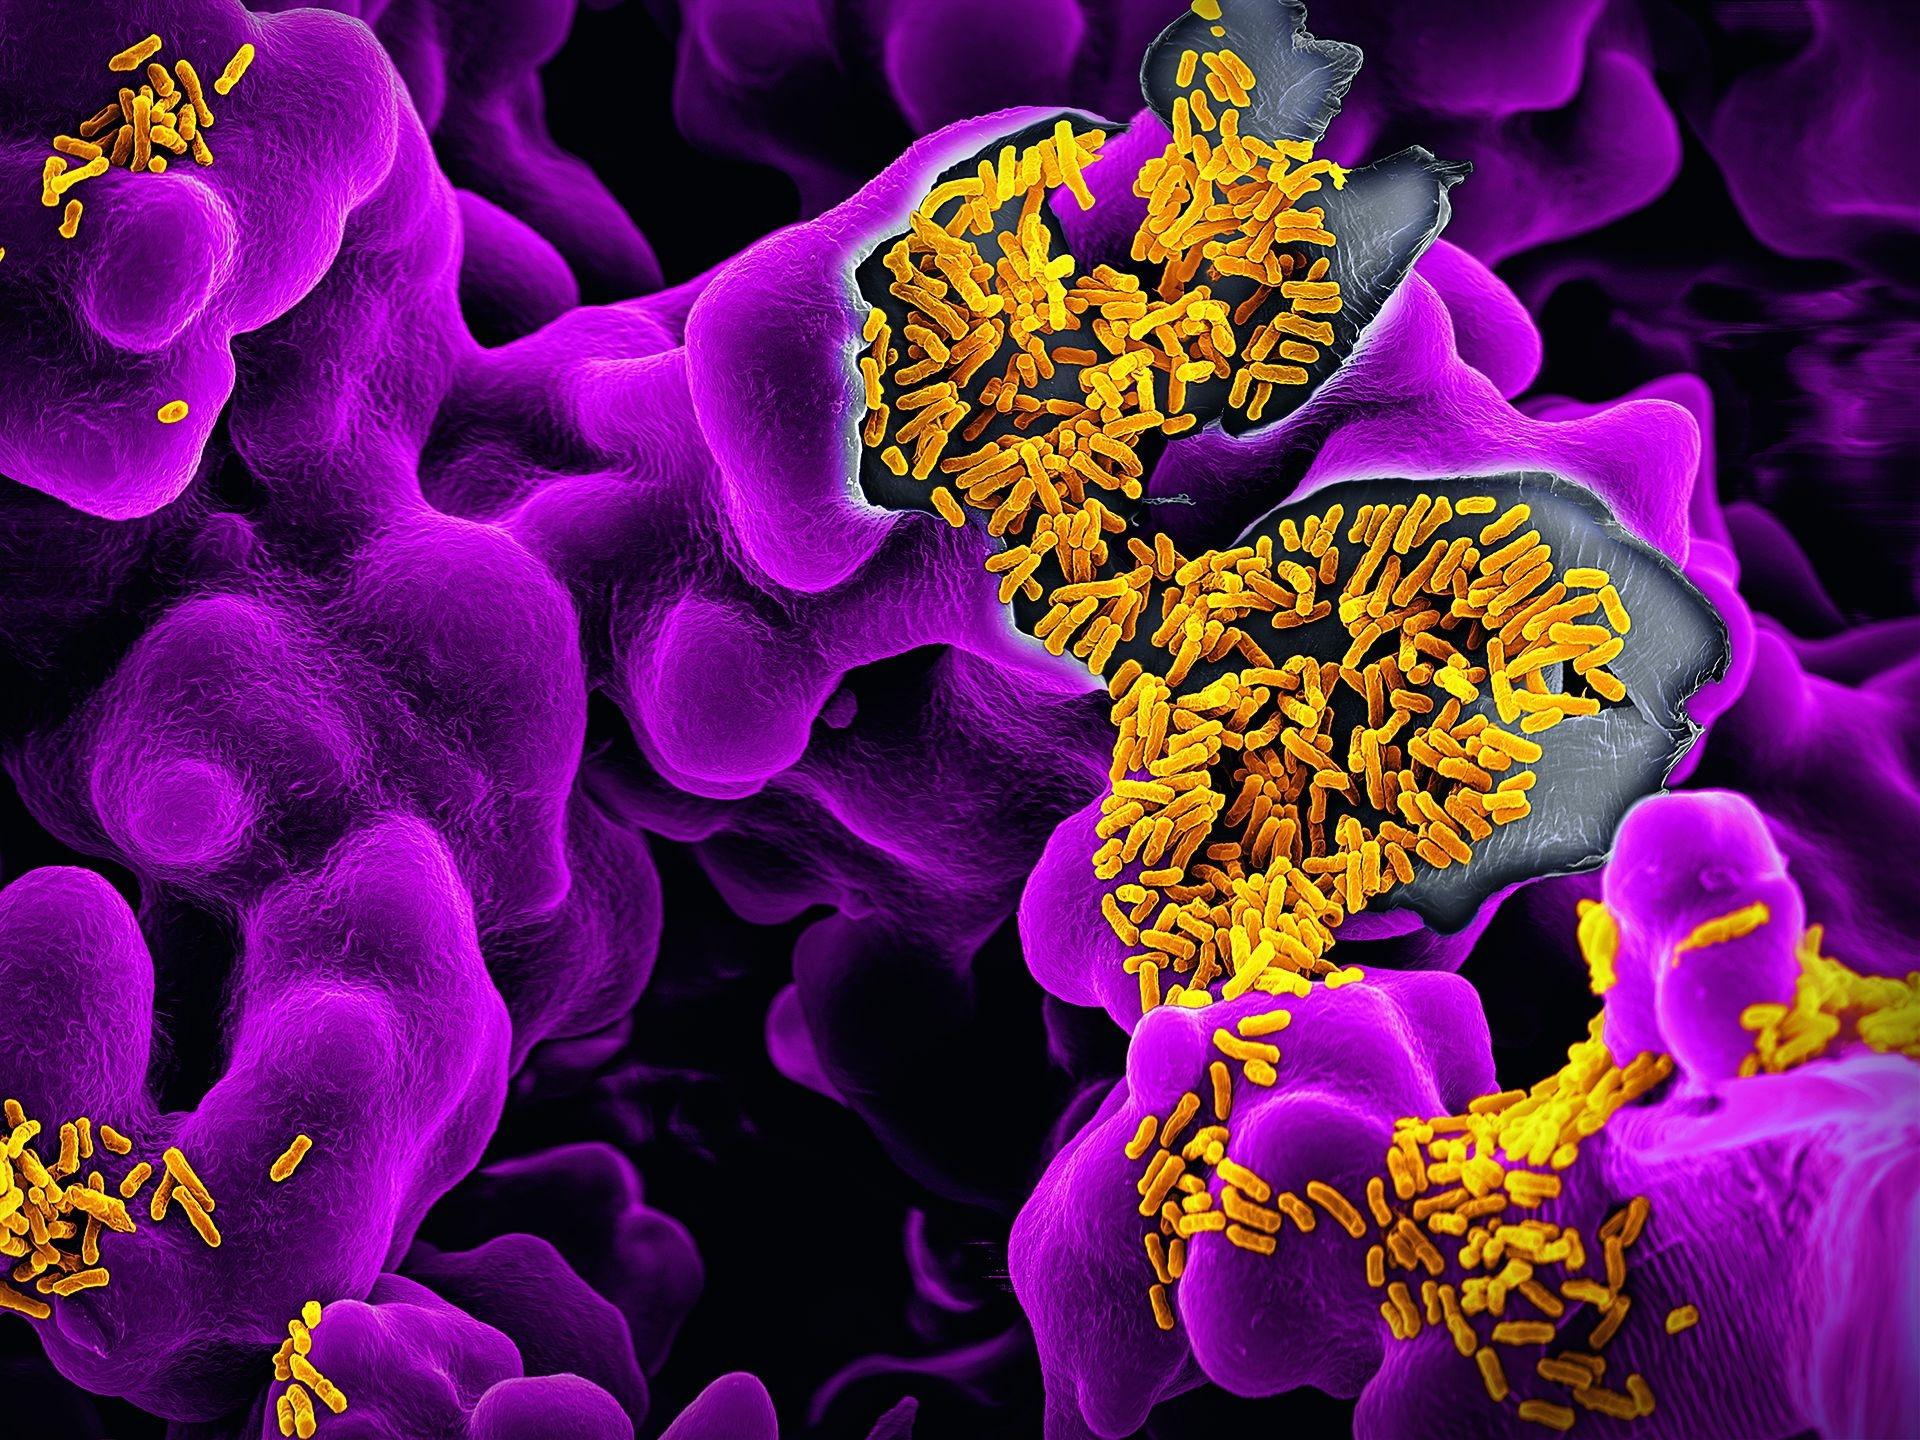 聚集在紫色基質上的黃色短棒狀大腸桿菌(Escheri-chia coli)可造成食物中毒,但多數菌株不僅無害而且還有益。大腸桿菌棲息於人類腸道,負責重要功能,像是製造維生素K和B12,以及防止致病性細菌的生長。影像:馬汀.奧格利 MARTIN OEGGERLI